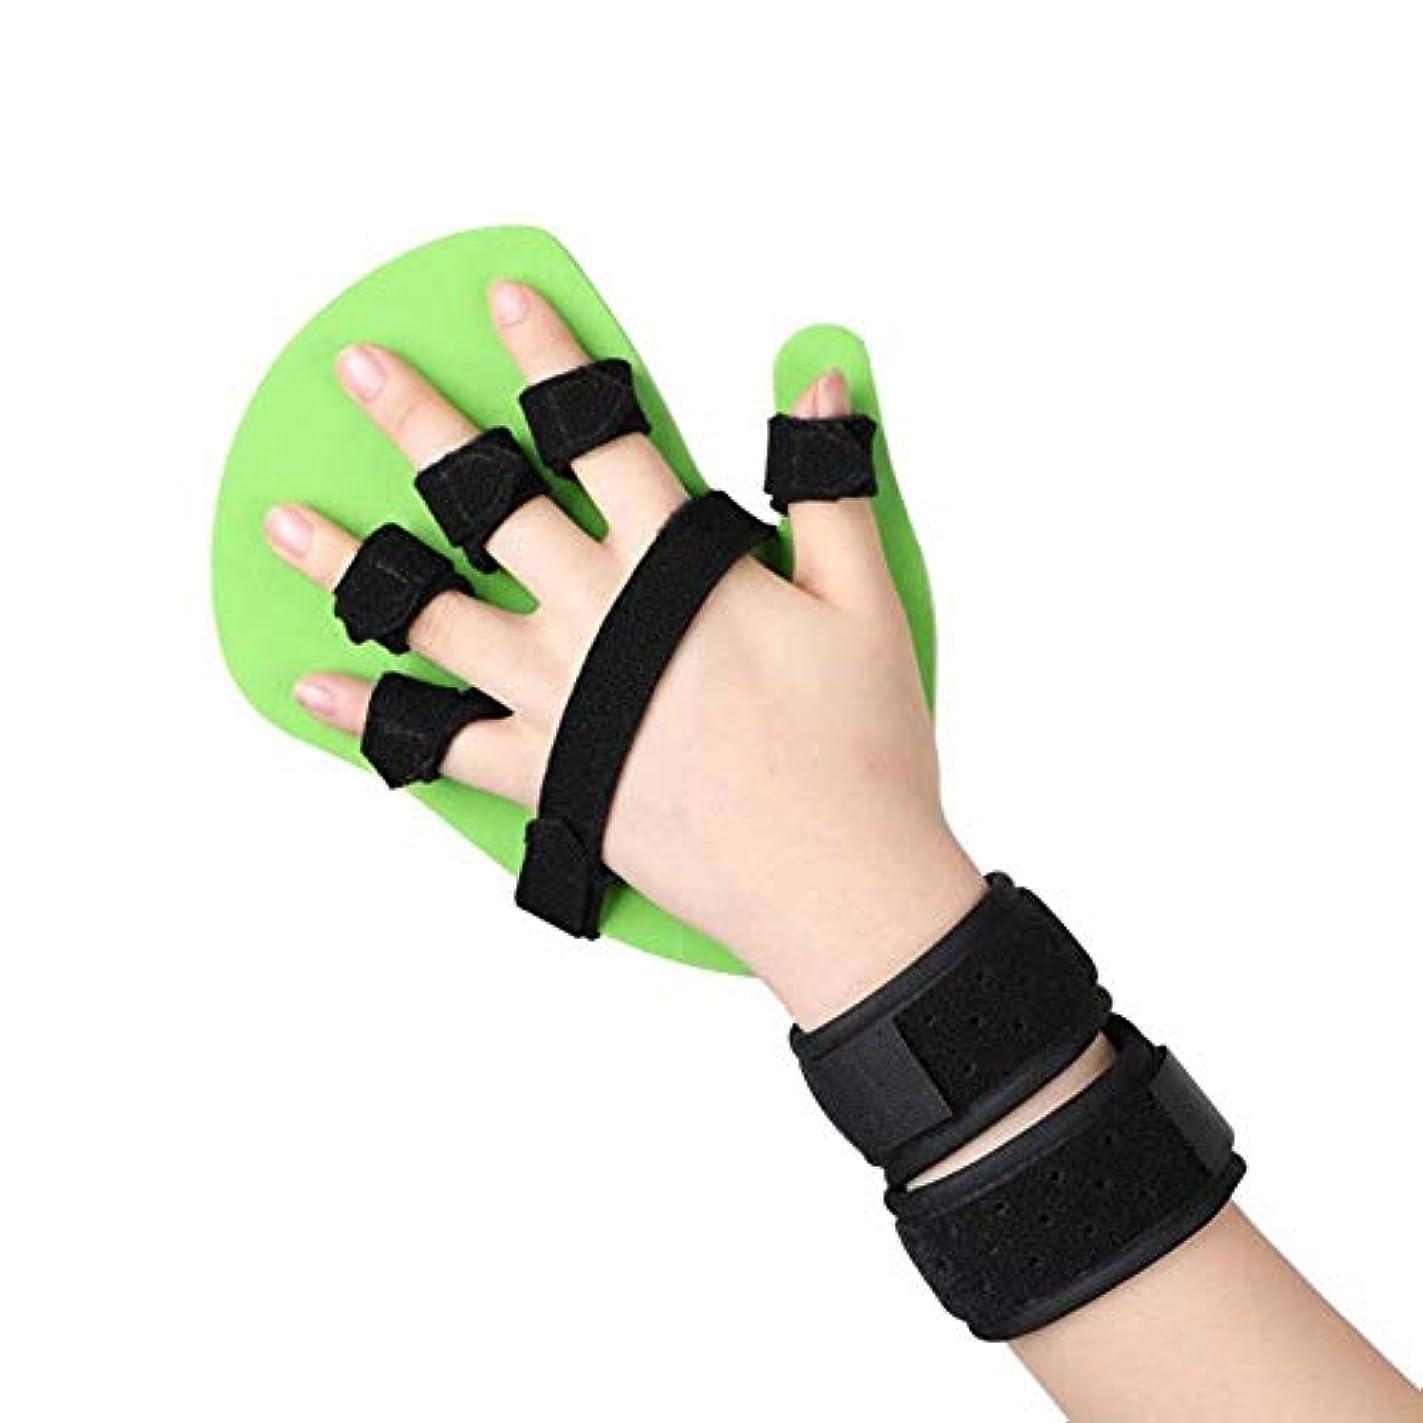 症候群一方、冗長脳卒中/片麻痺/外傷性脳損傷のための指トレーニング装置、指副指板、脳卒中リハビリ機器 (Color : Right, Size : Small)